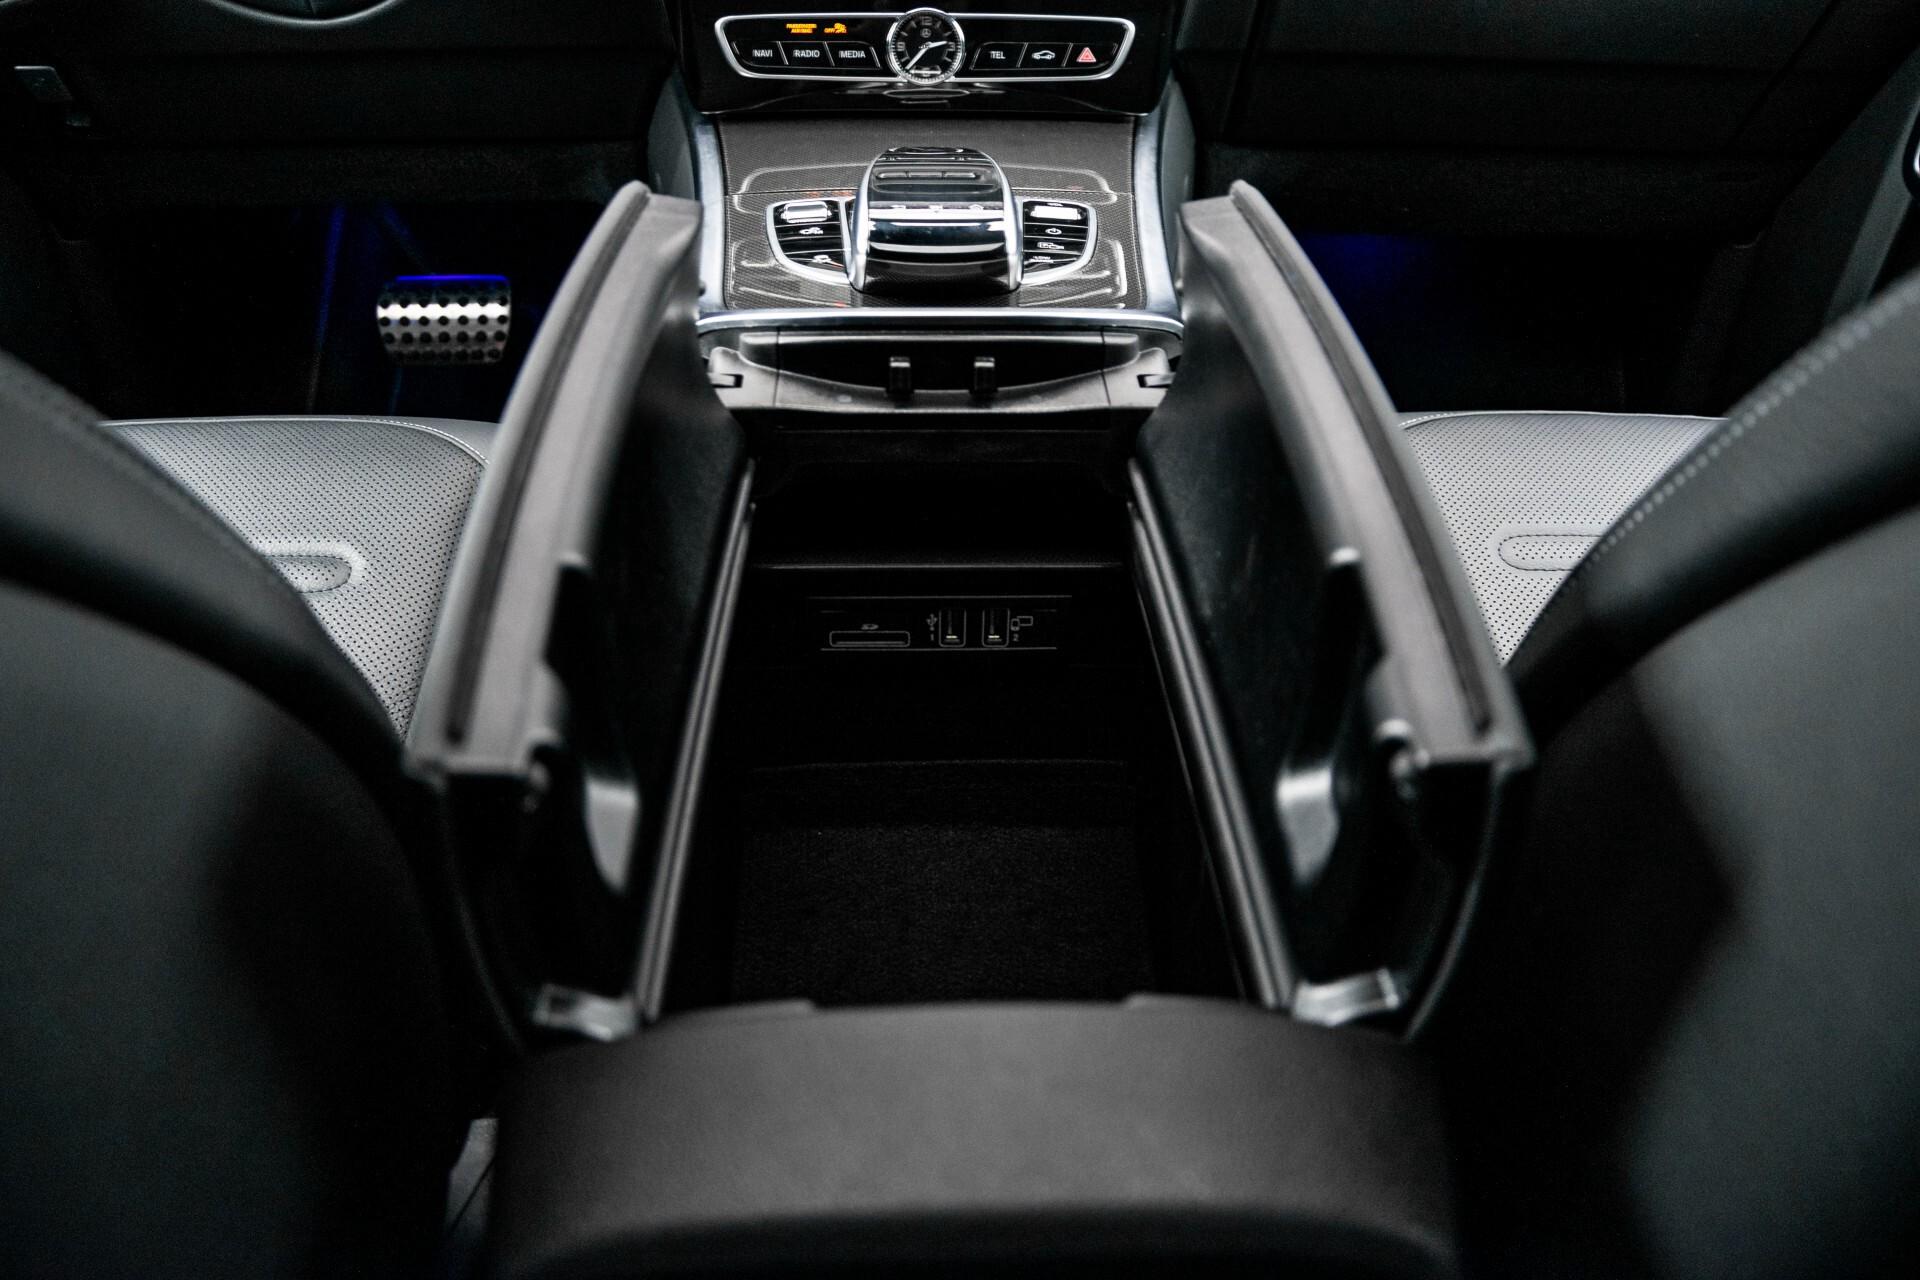 Mercedes-Benz G-Klasse 500 AMG Massage/Entertainment/Manufaktur/Standkachel/Distronic/RVS Aut9 Foto 47